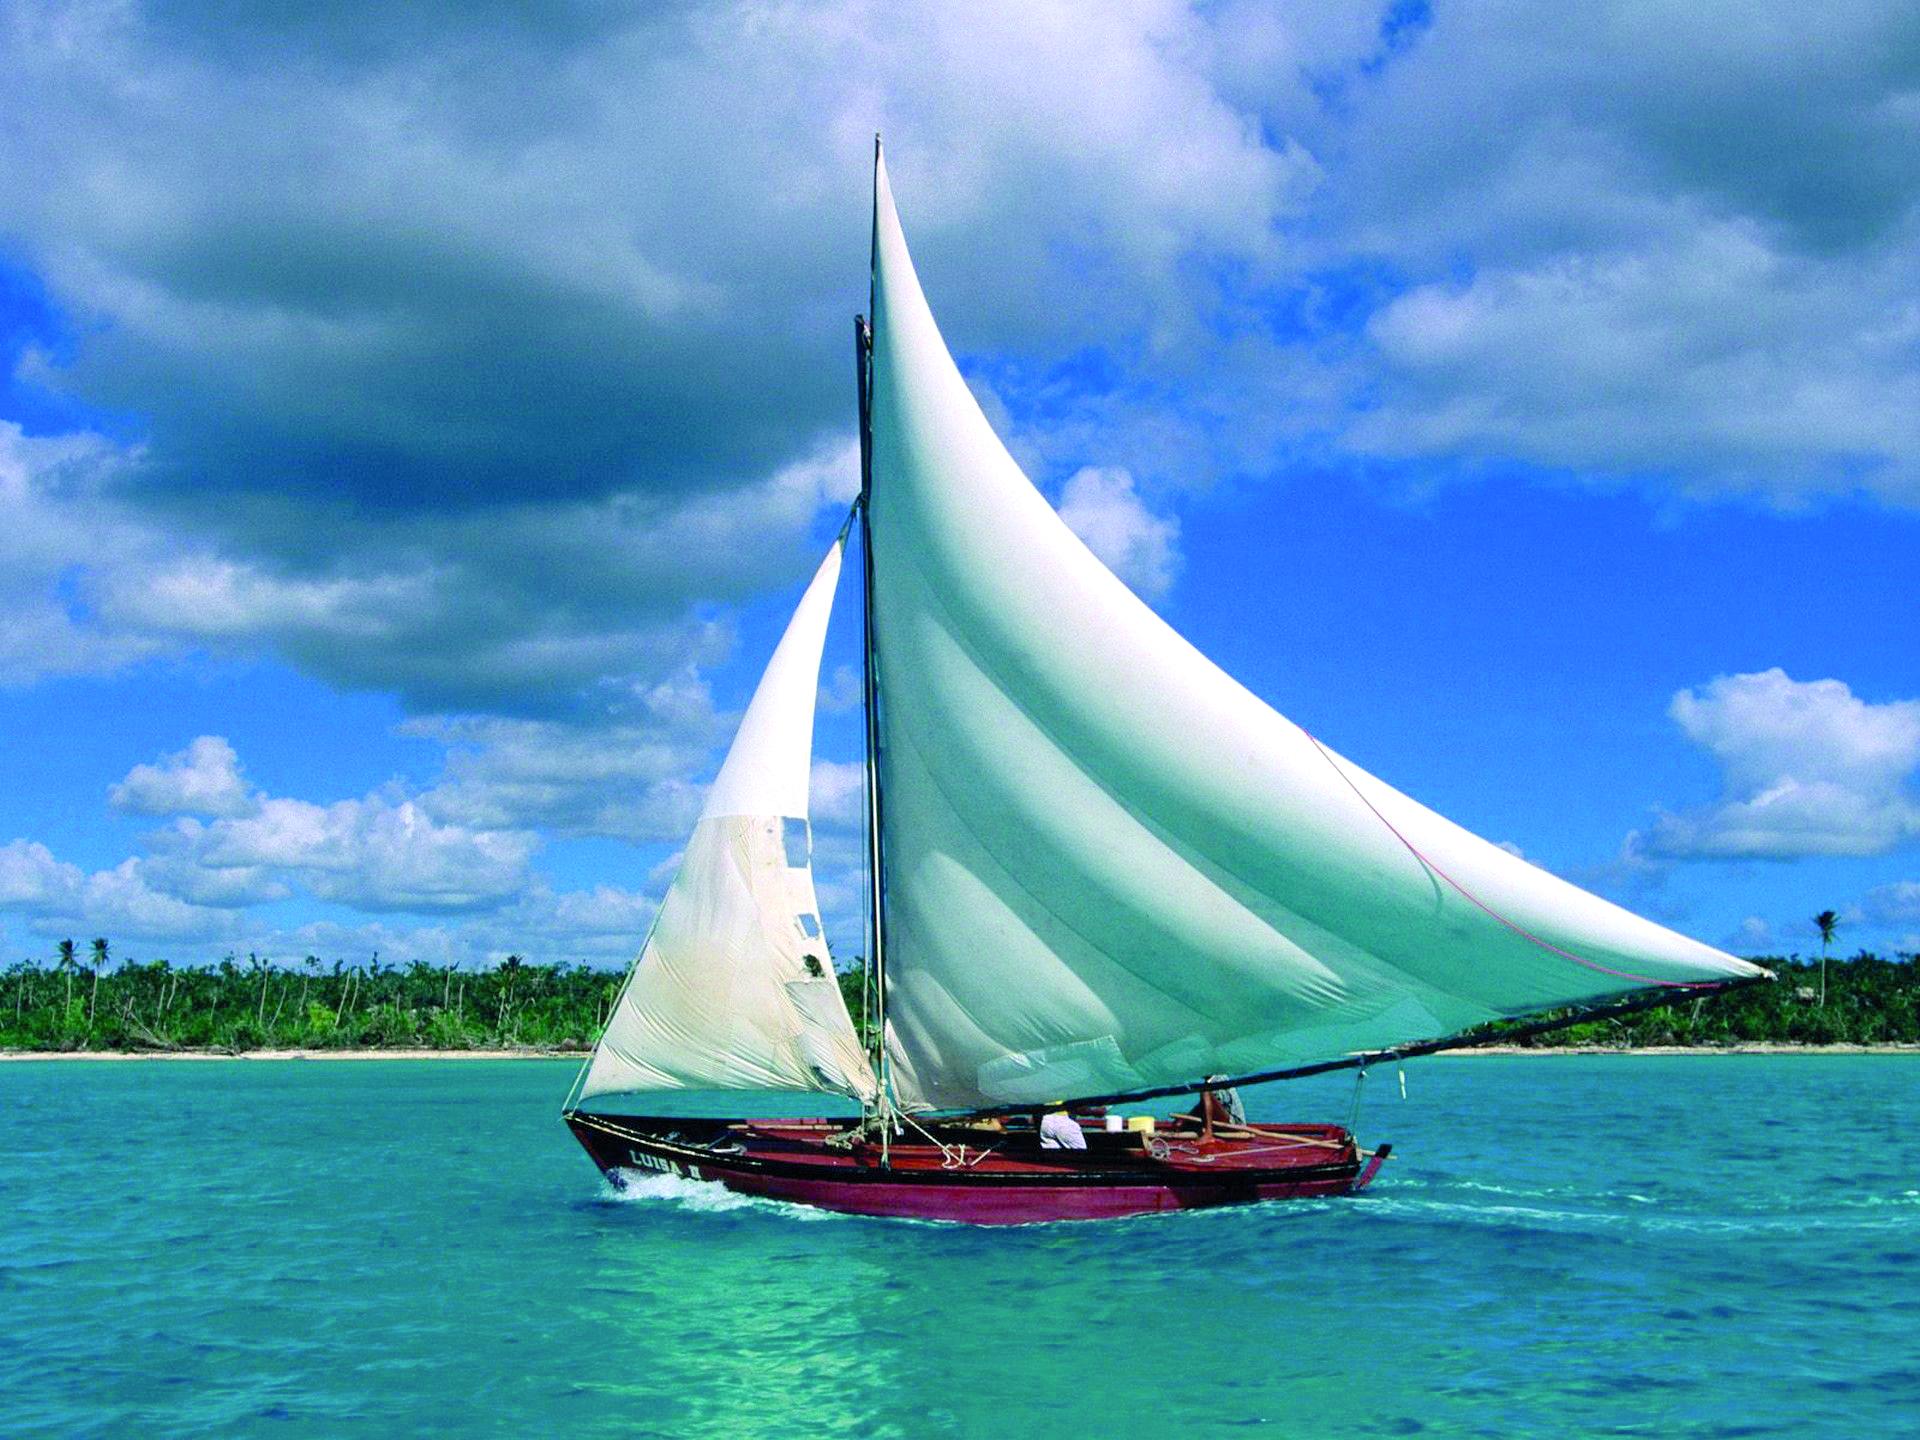 repubblica-domincana-barca-da-pesca